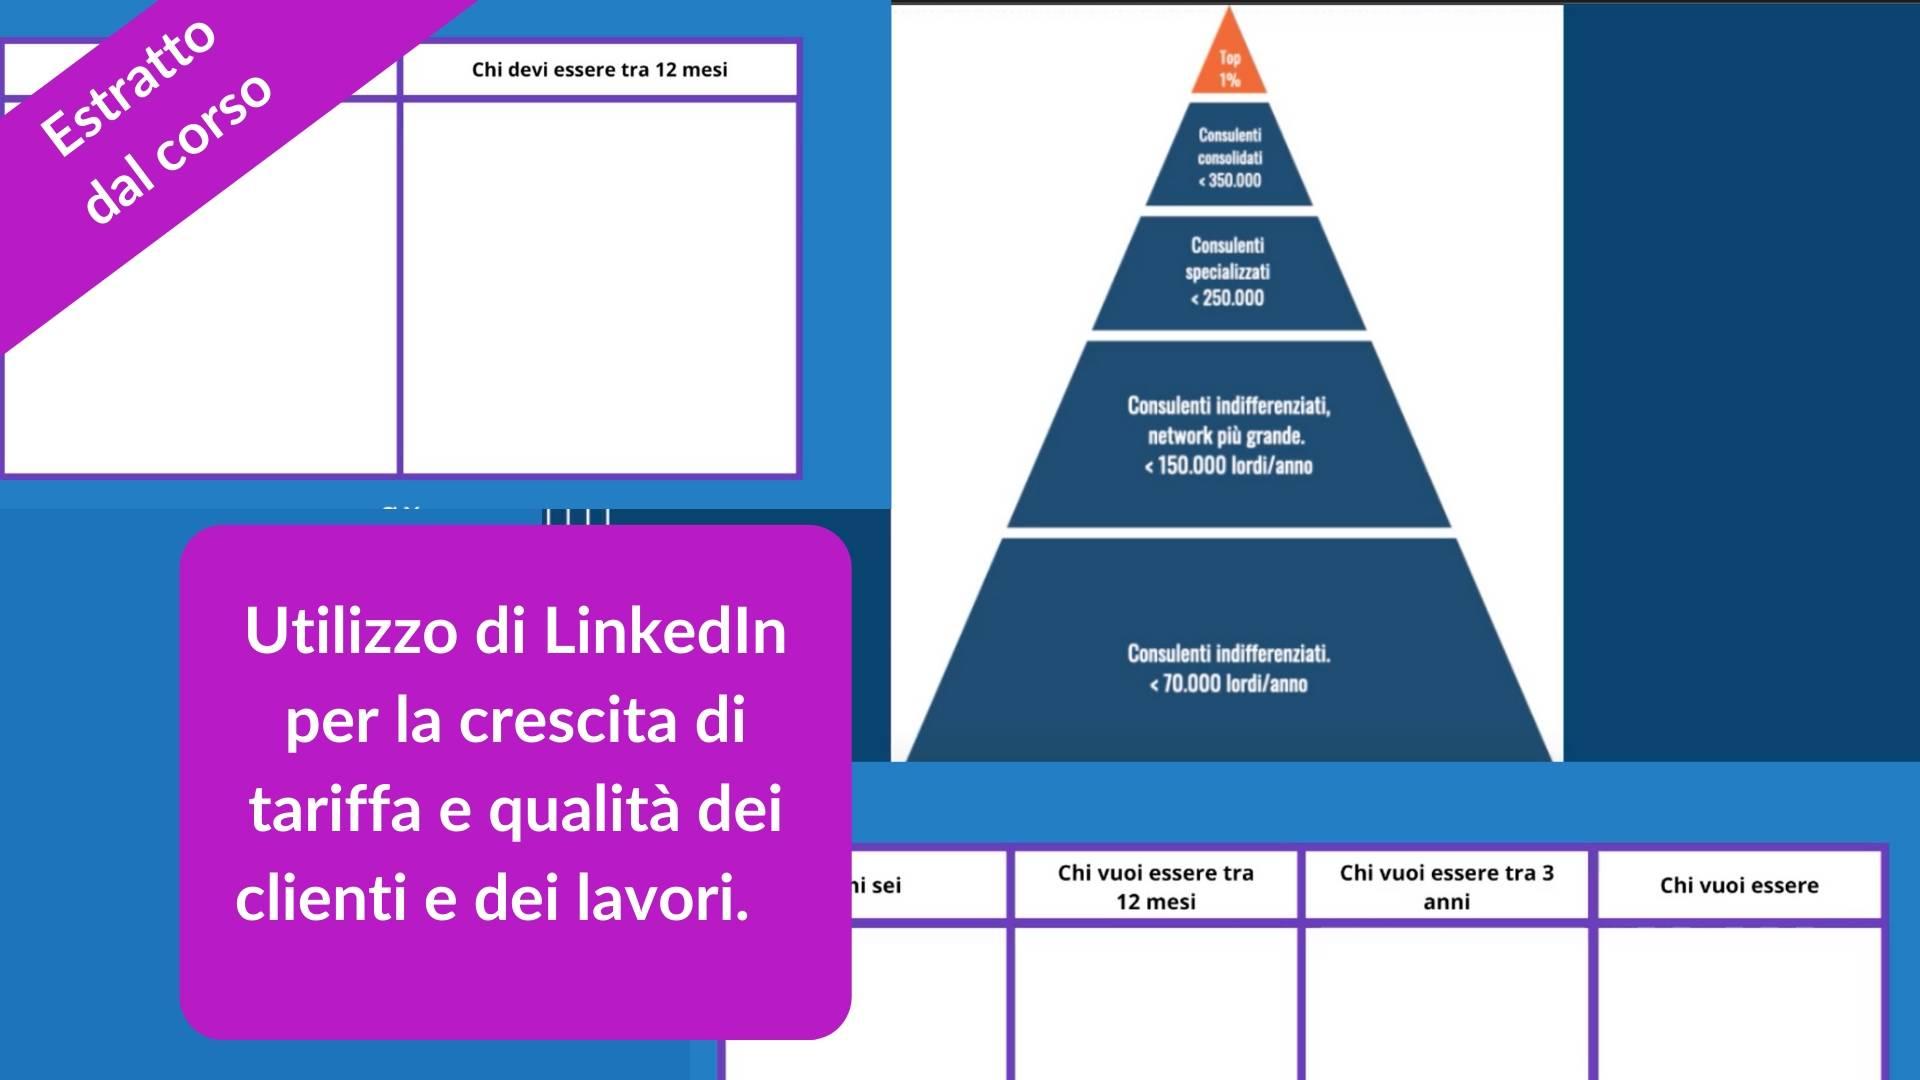 Estratto dal corso la lead generation con LinkedIn, utilizzo di LinkedIn per trovare clienti di alta qualità